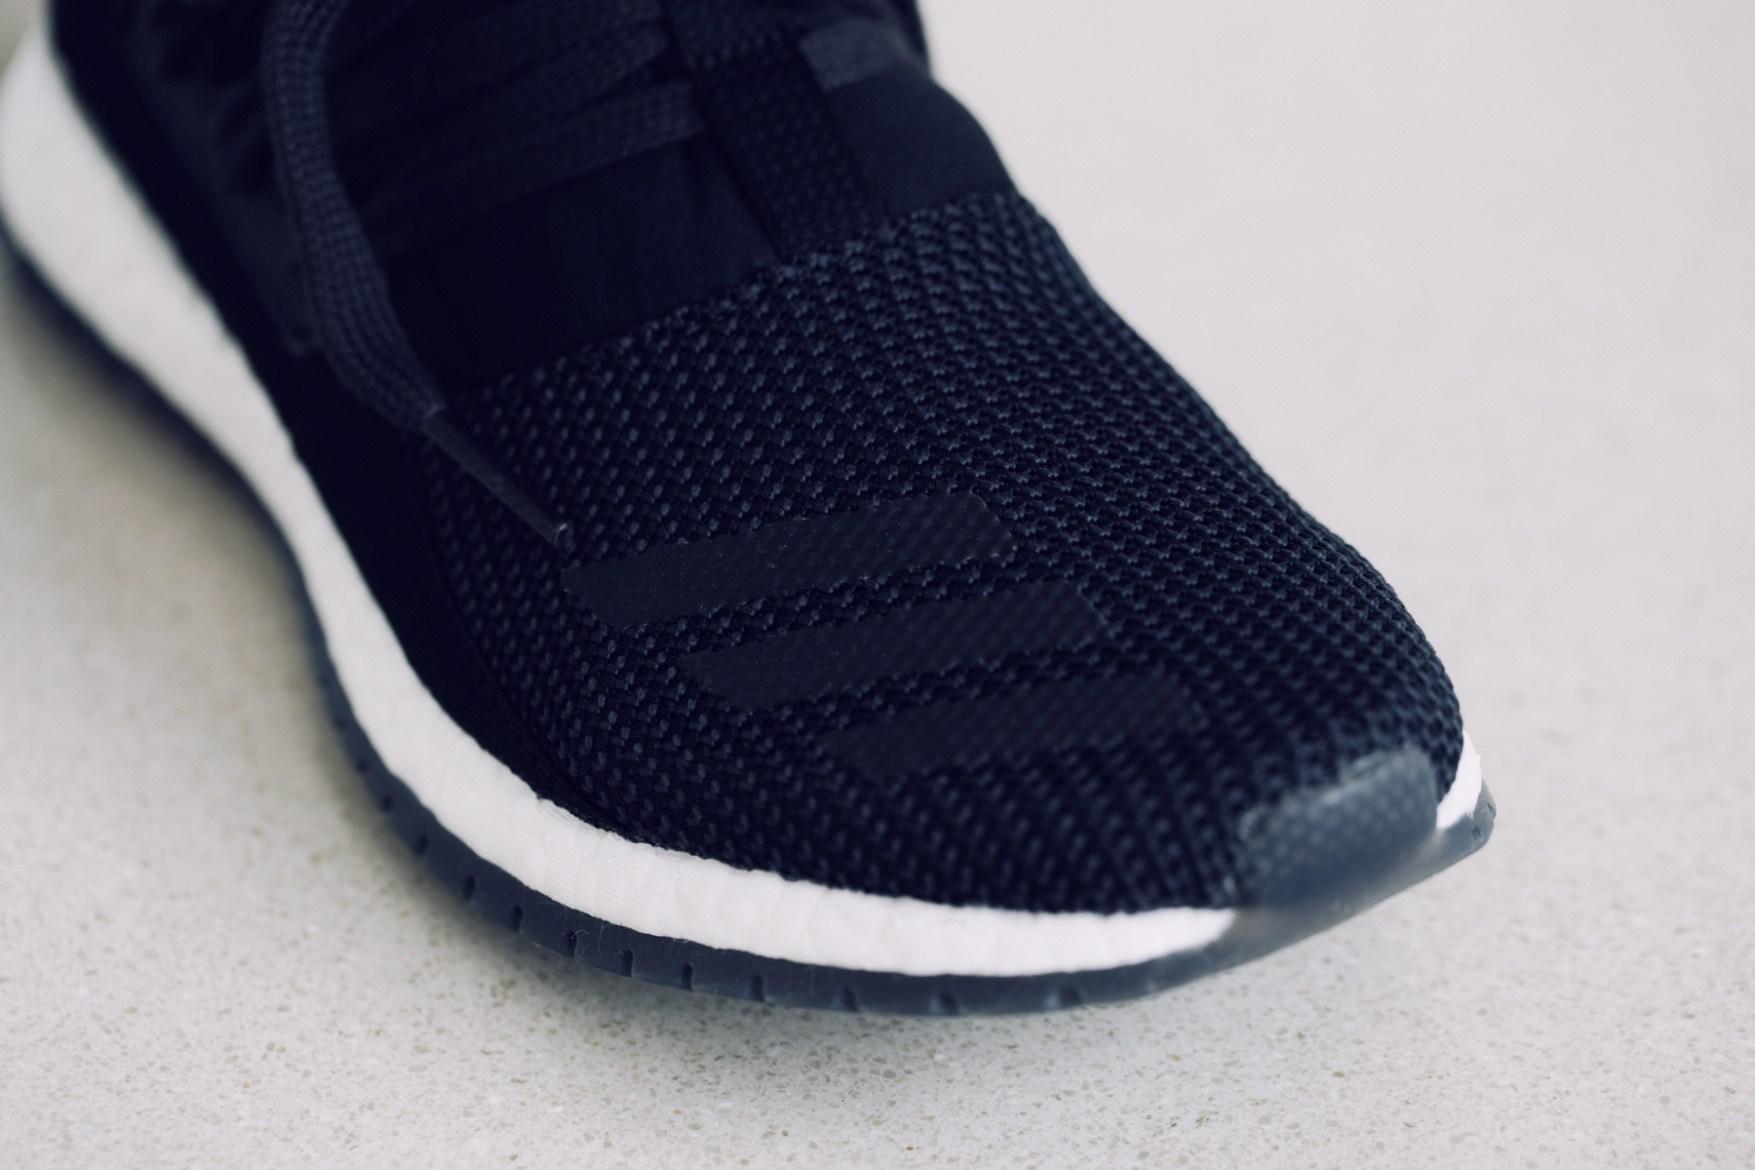 adidas-pureboost-raw-13